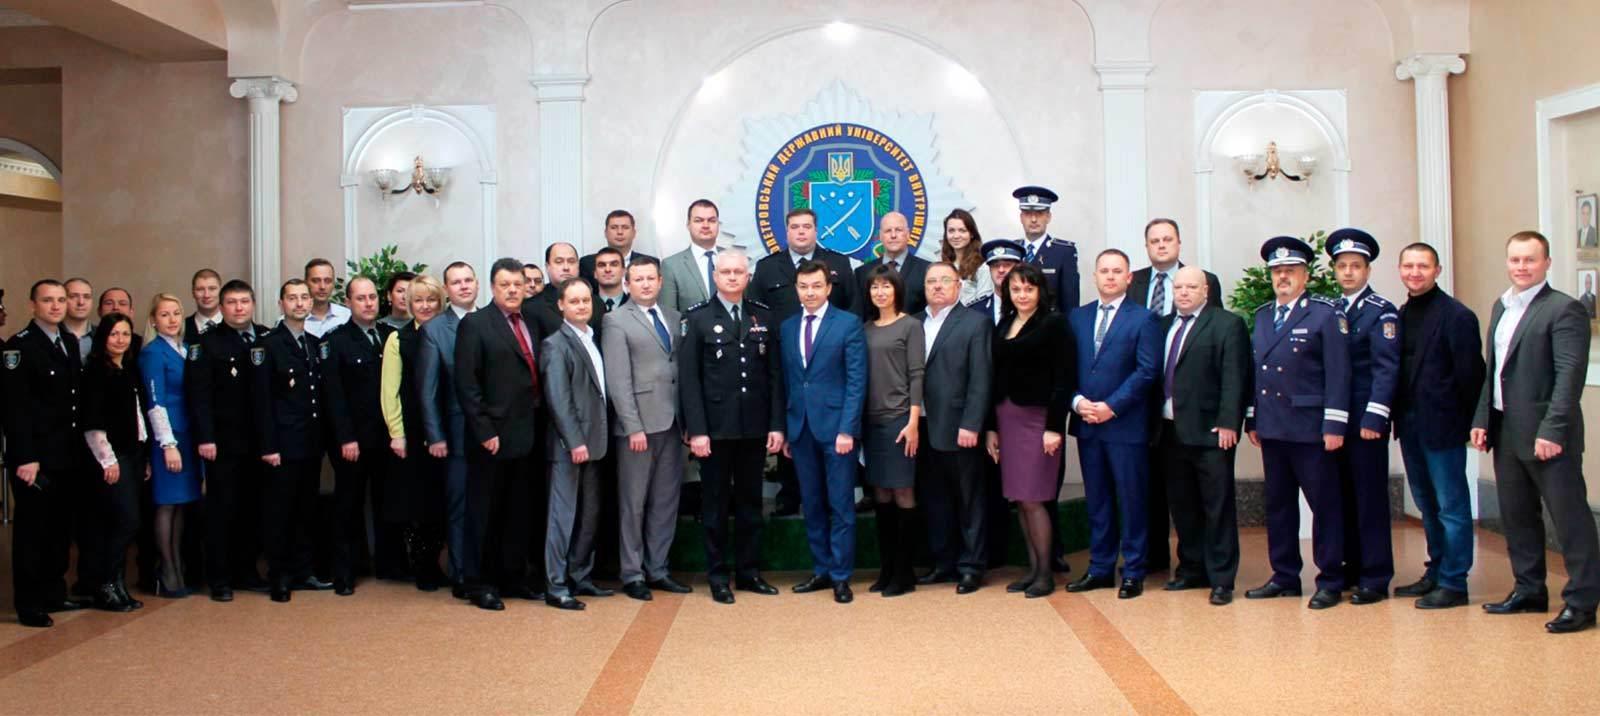 Актуальні питання забезпечення громадського порядку та безпеки в сучасних умовах: вітчизняний і міжнародний досвід